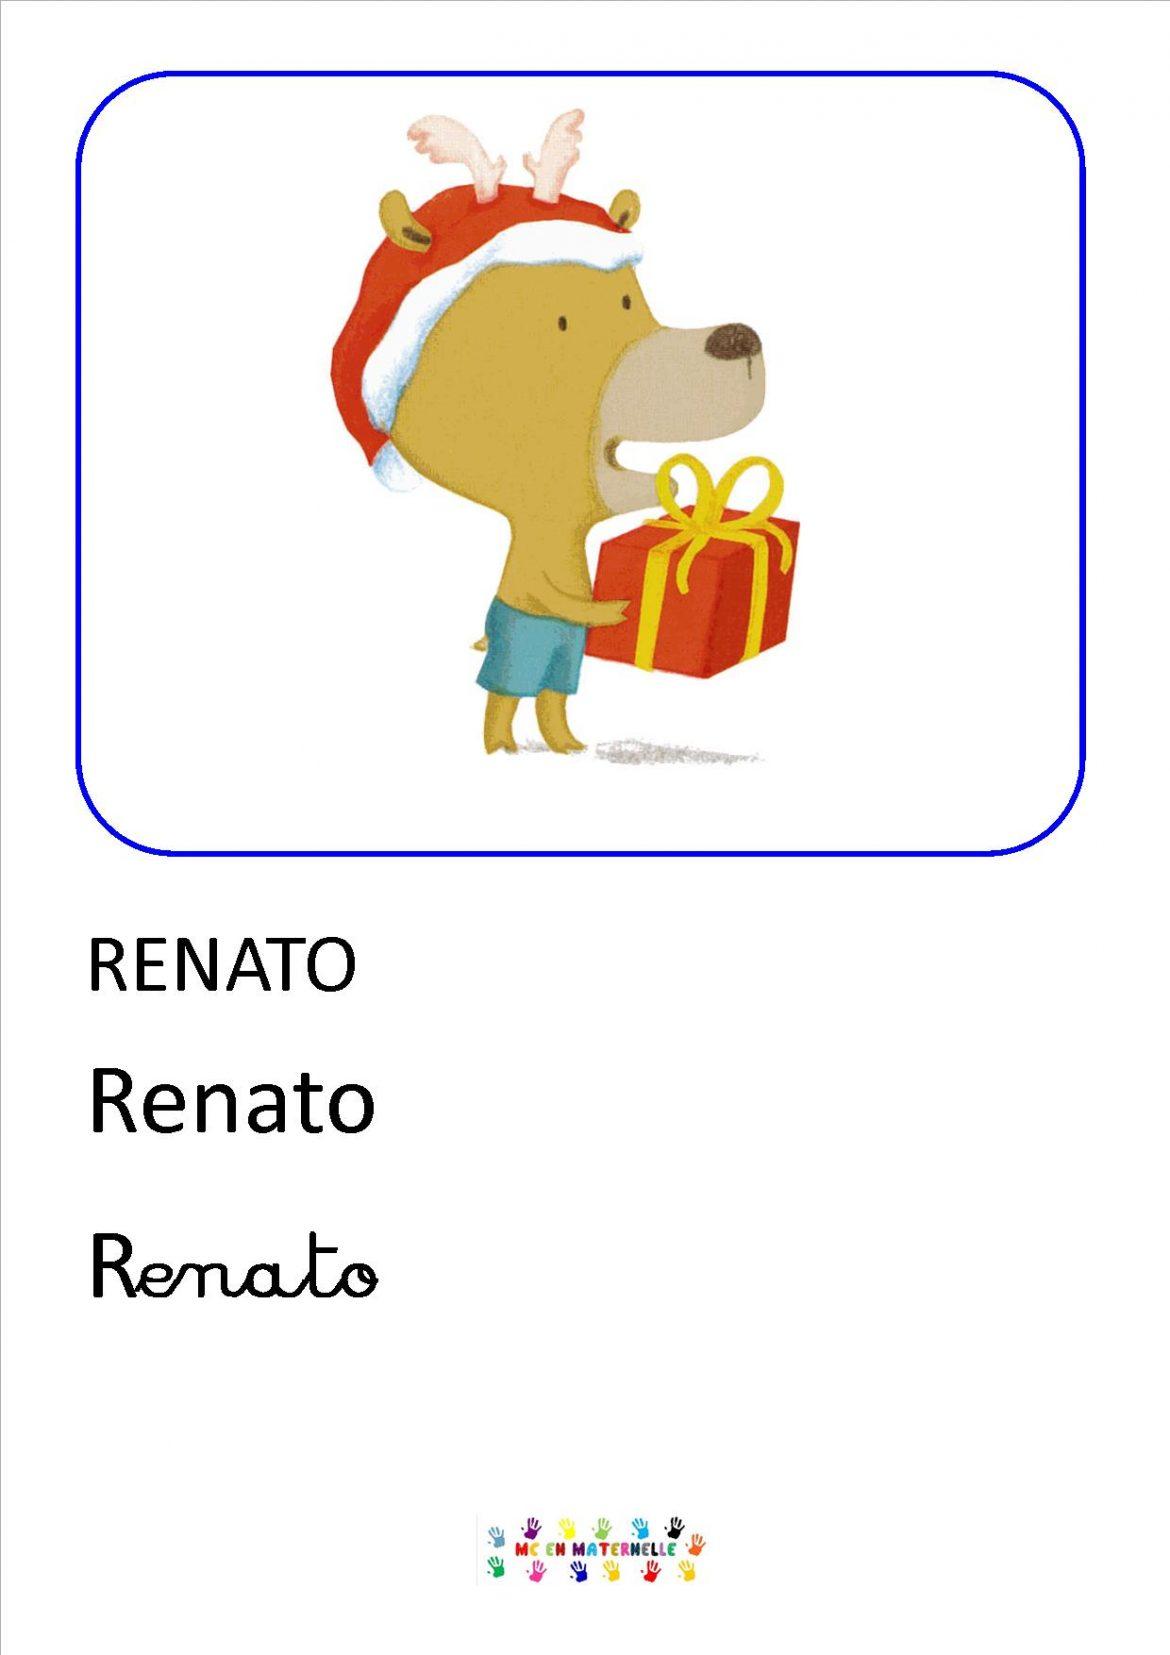 imagier-renato1